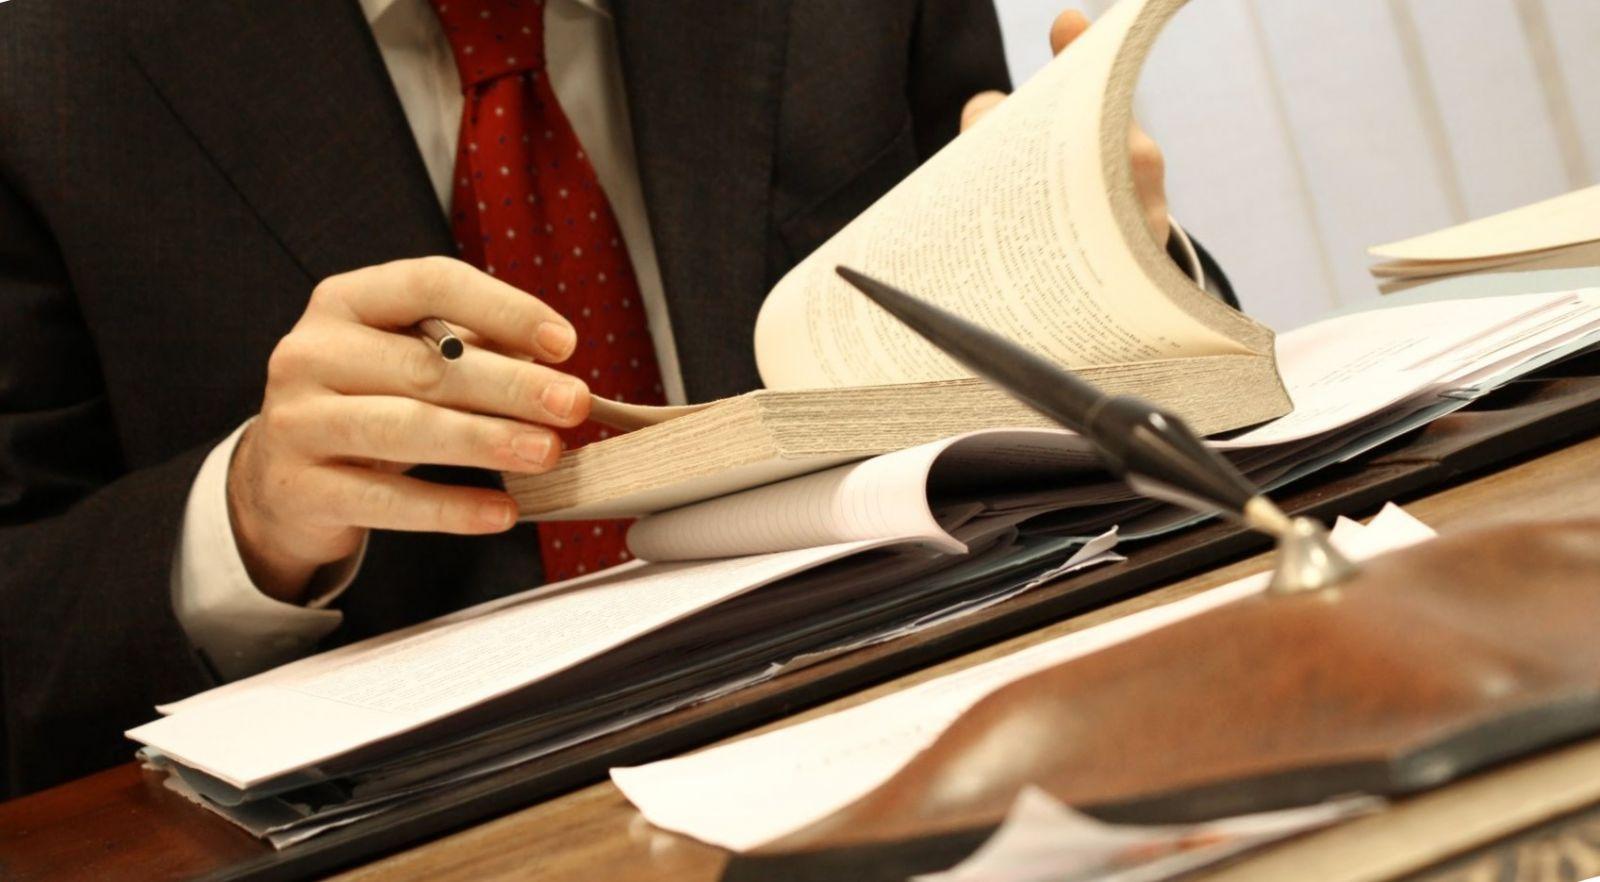 юридические консультации в журнале